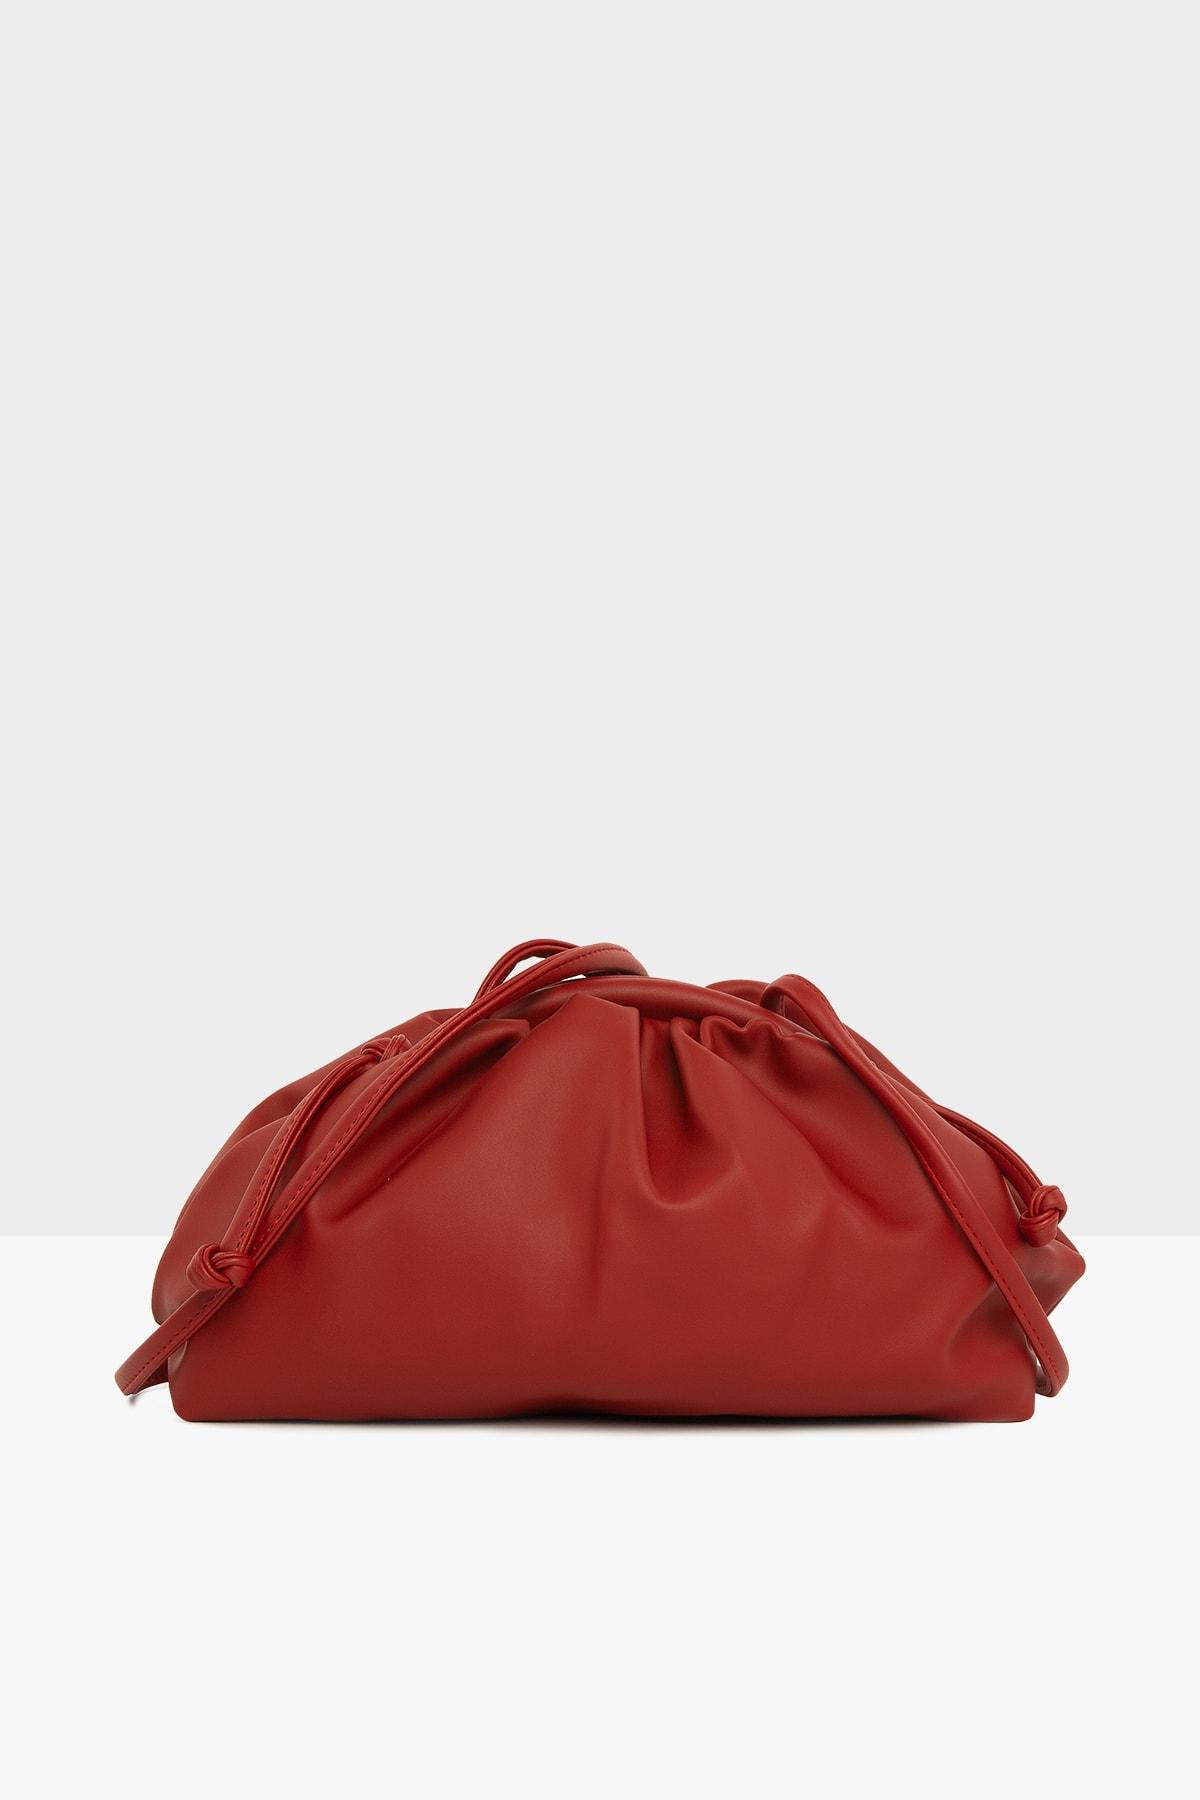 Bagmori Kırmızı Kadın Burslu Küçük Bohça Çanta M000004078 0